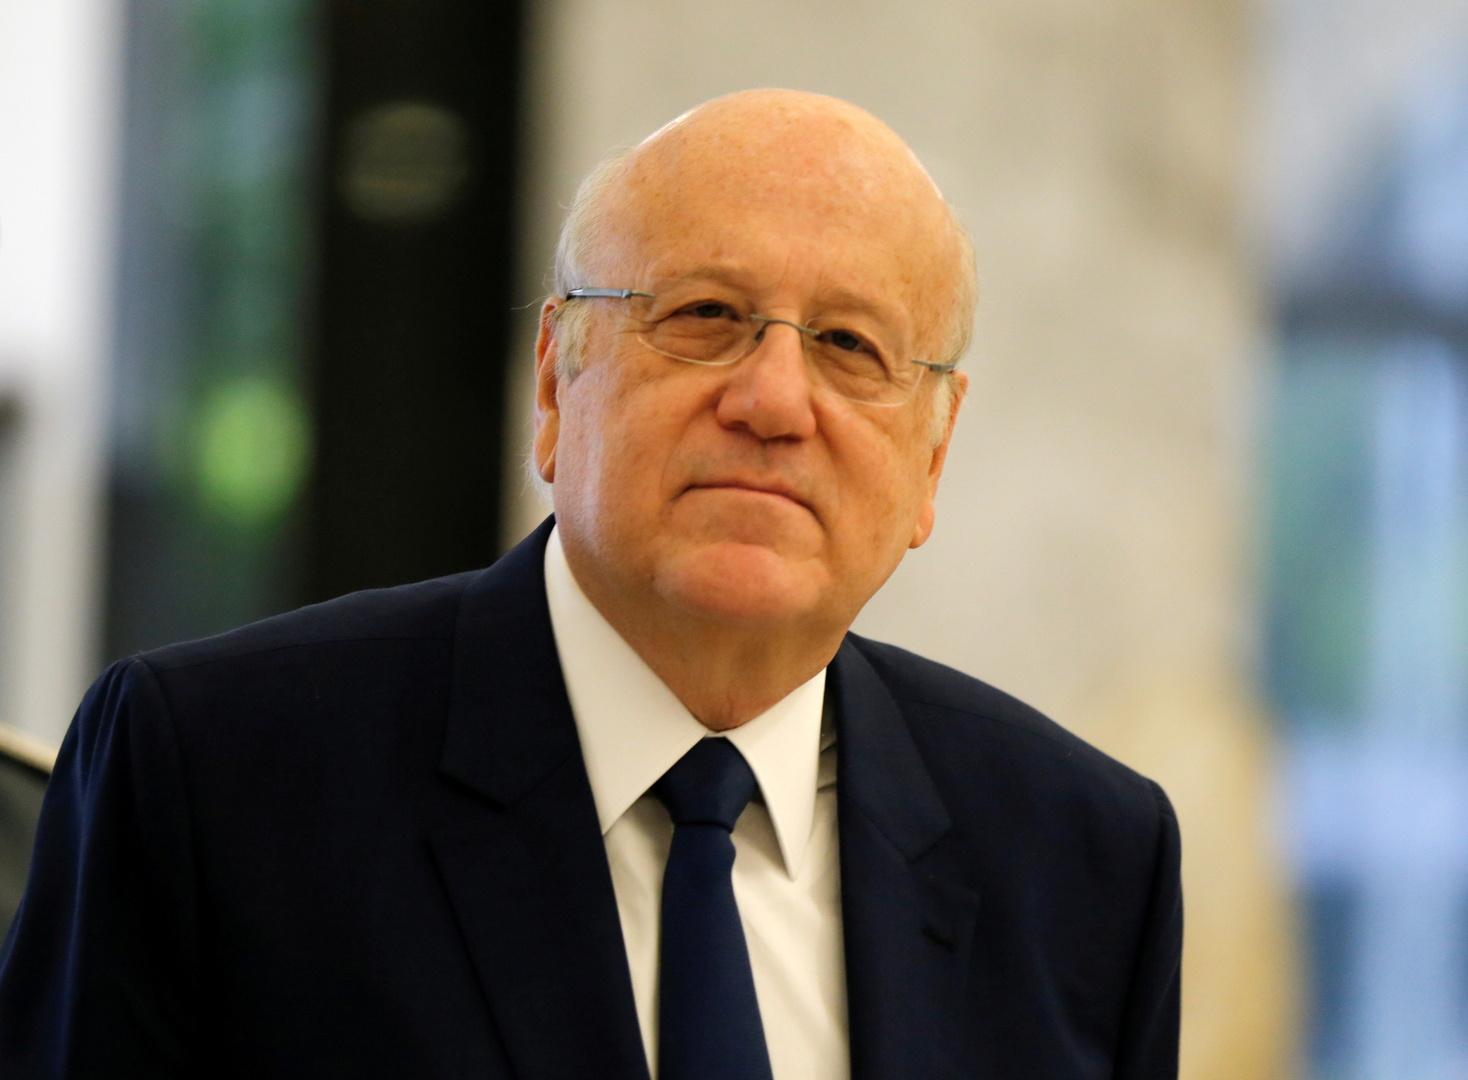 ميقاتي: لن أسمح بأن يكون لبنان منصة ضد إخواننا العرب بأي شكل من الأشكال